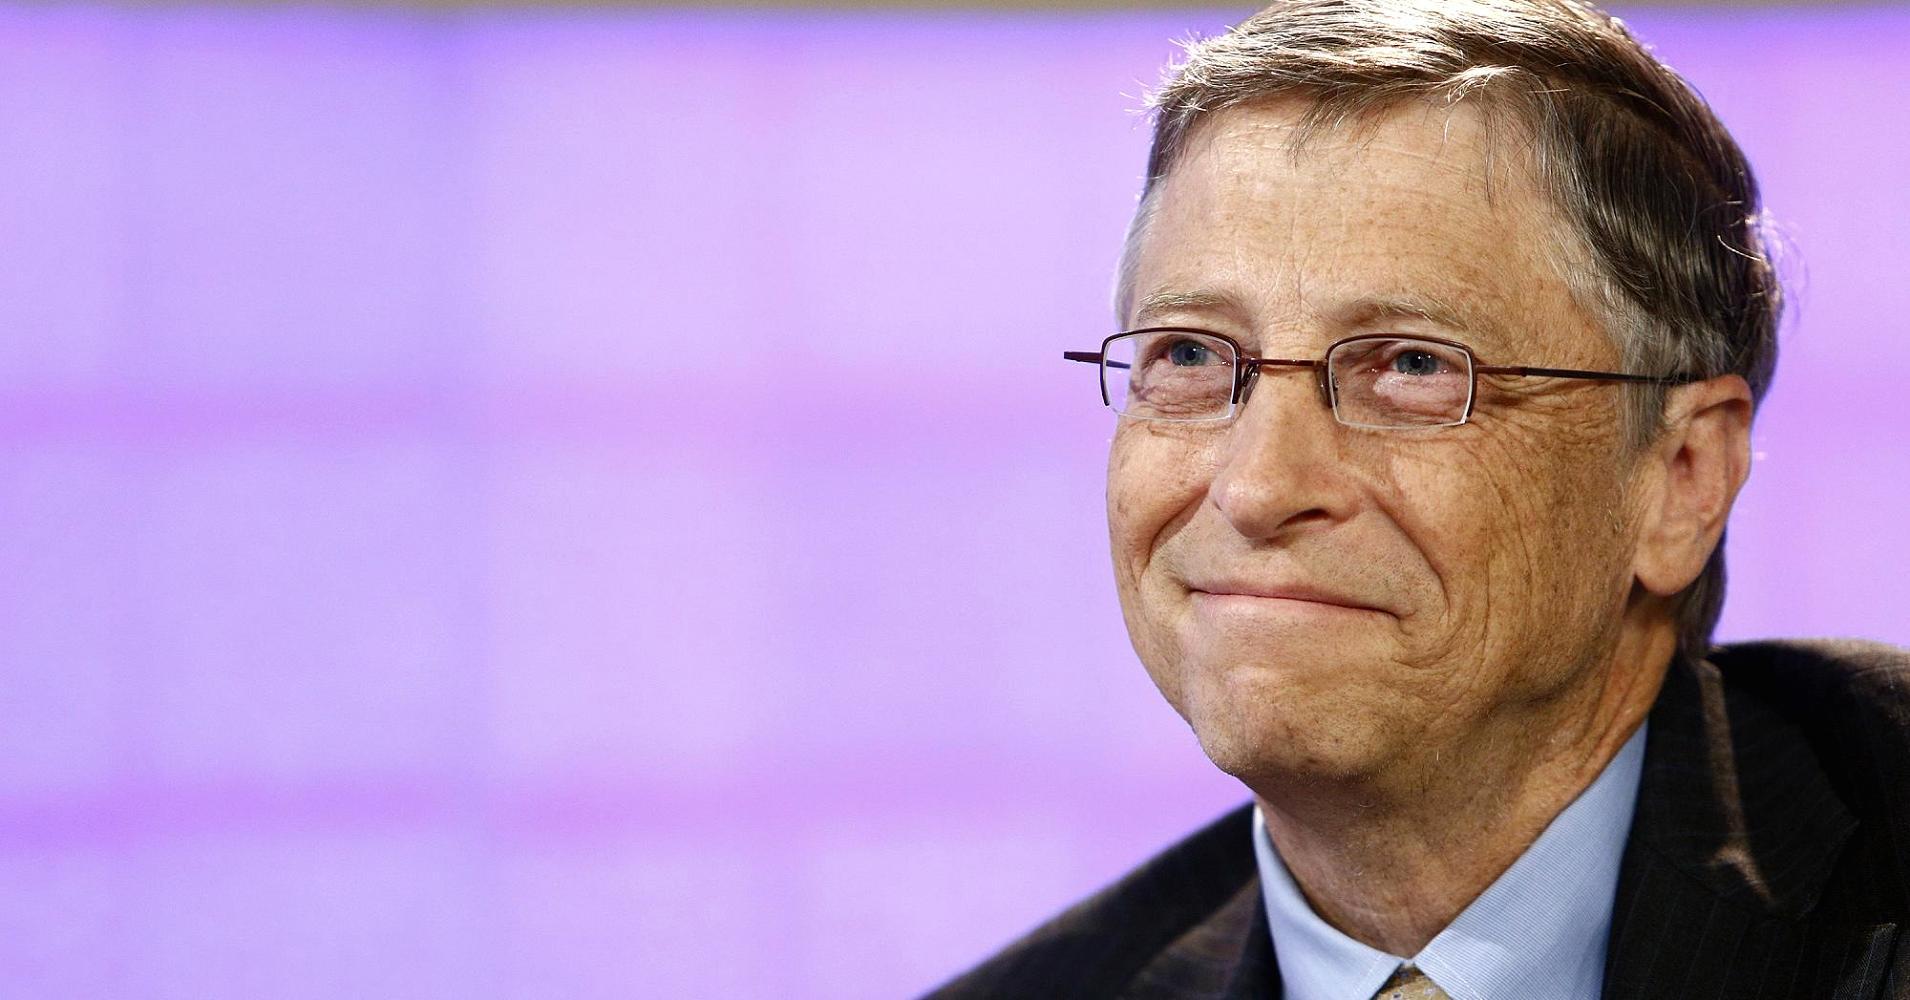 Tỷ phú Bill Gates từng đánh giá cao tiền ảo Bitcoin - Ảnh 1